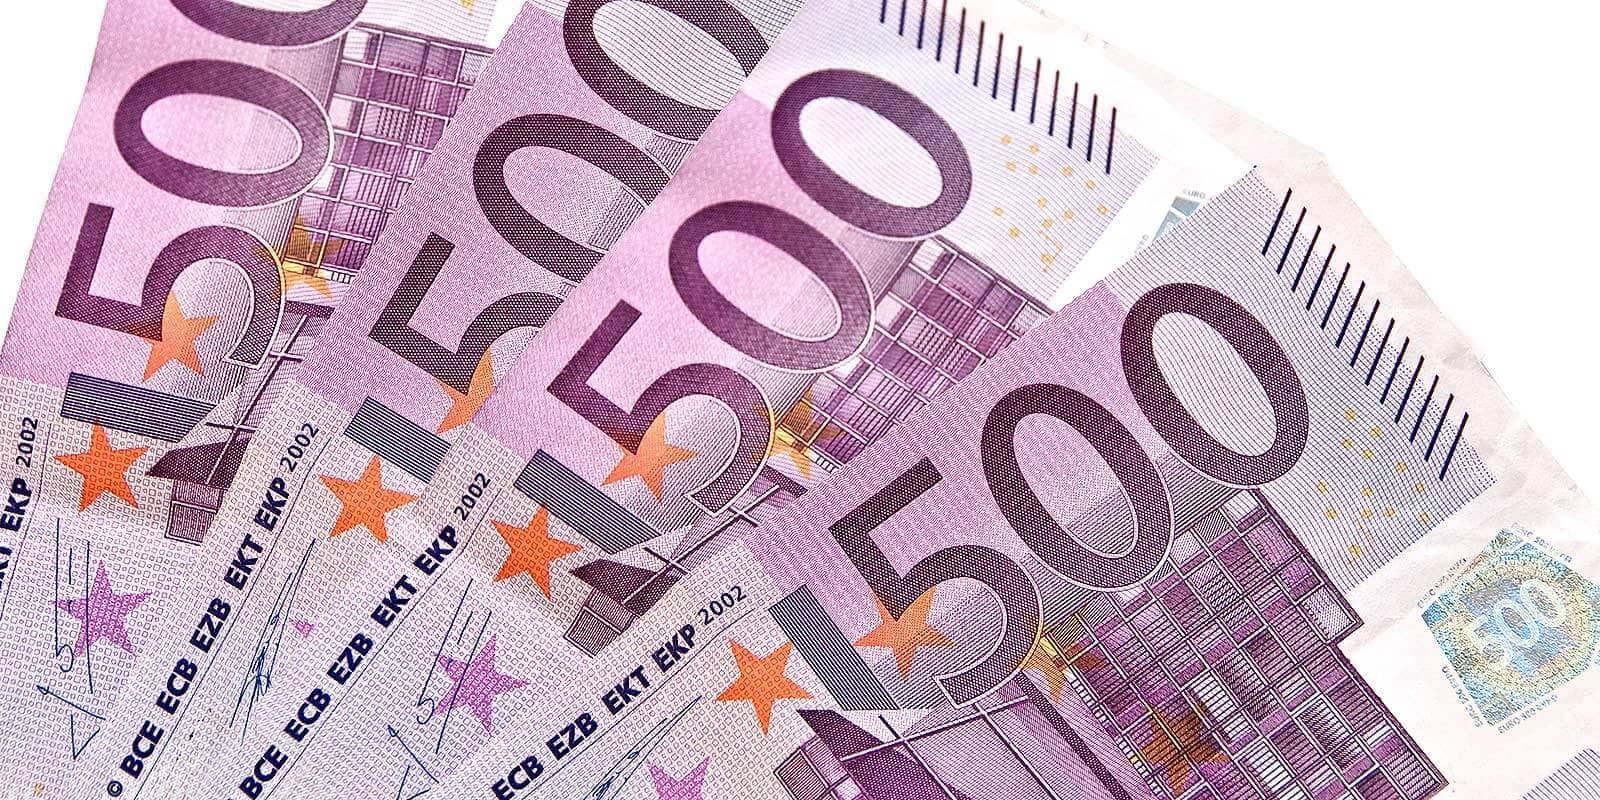 Billets De Banque : Les 500 € C'est Fini - Crédit Mutuel avec Billet Euro A Imprimer